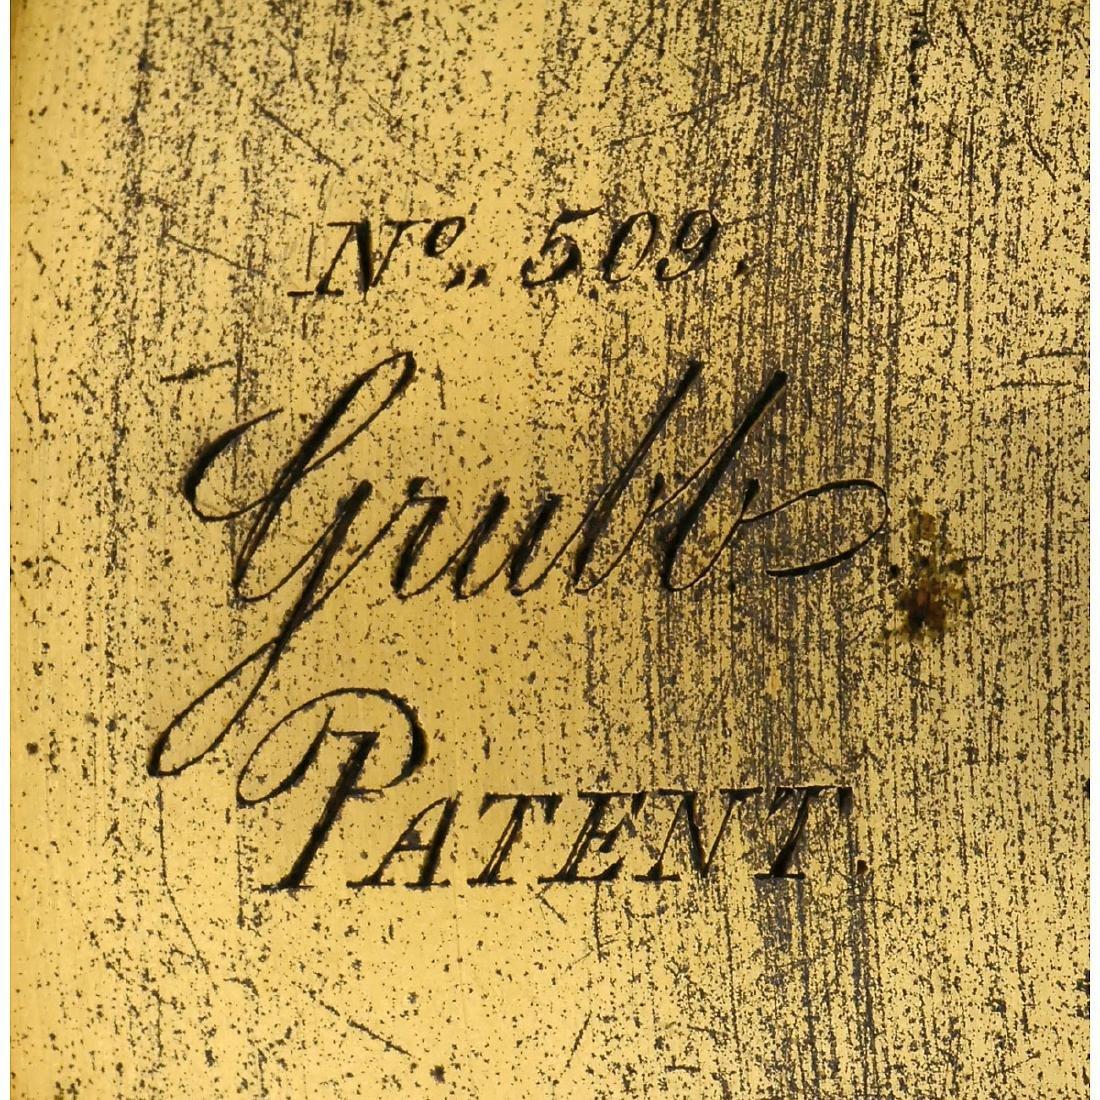 Patent Aplanatic Landscape Lens by A. Grubb, c. 1855 - 2